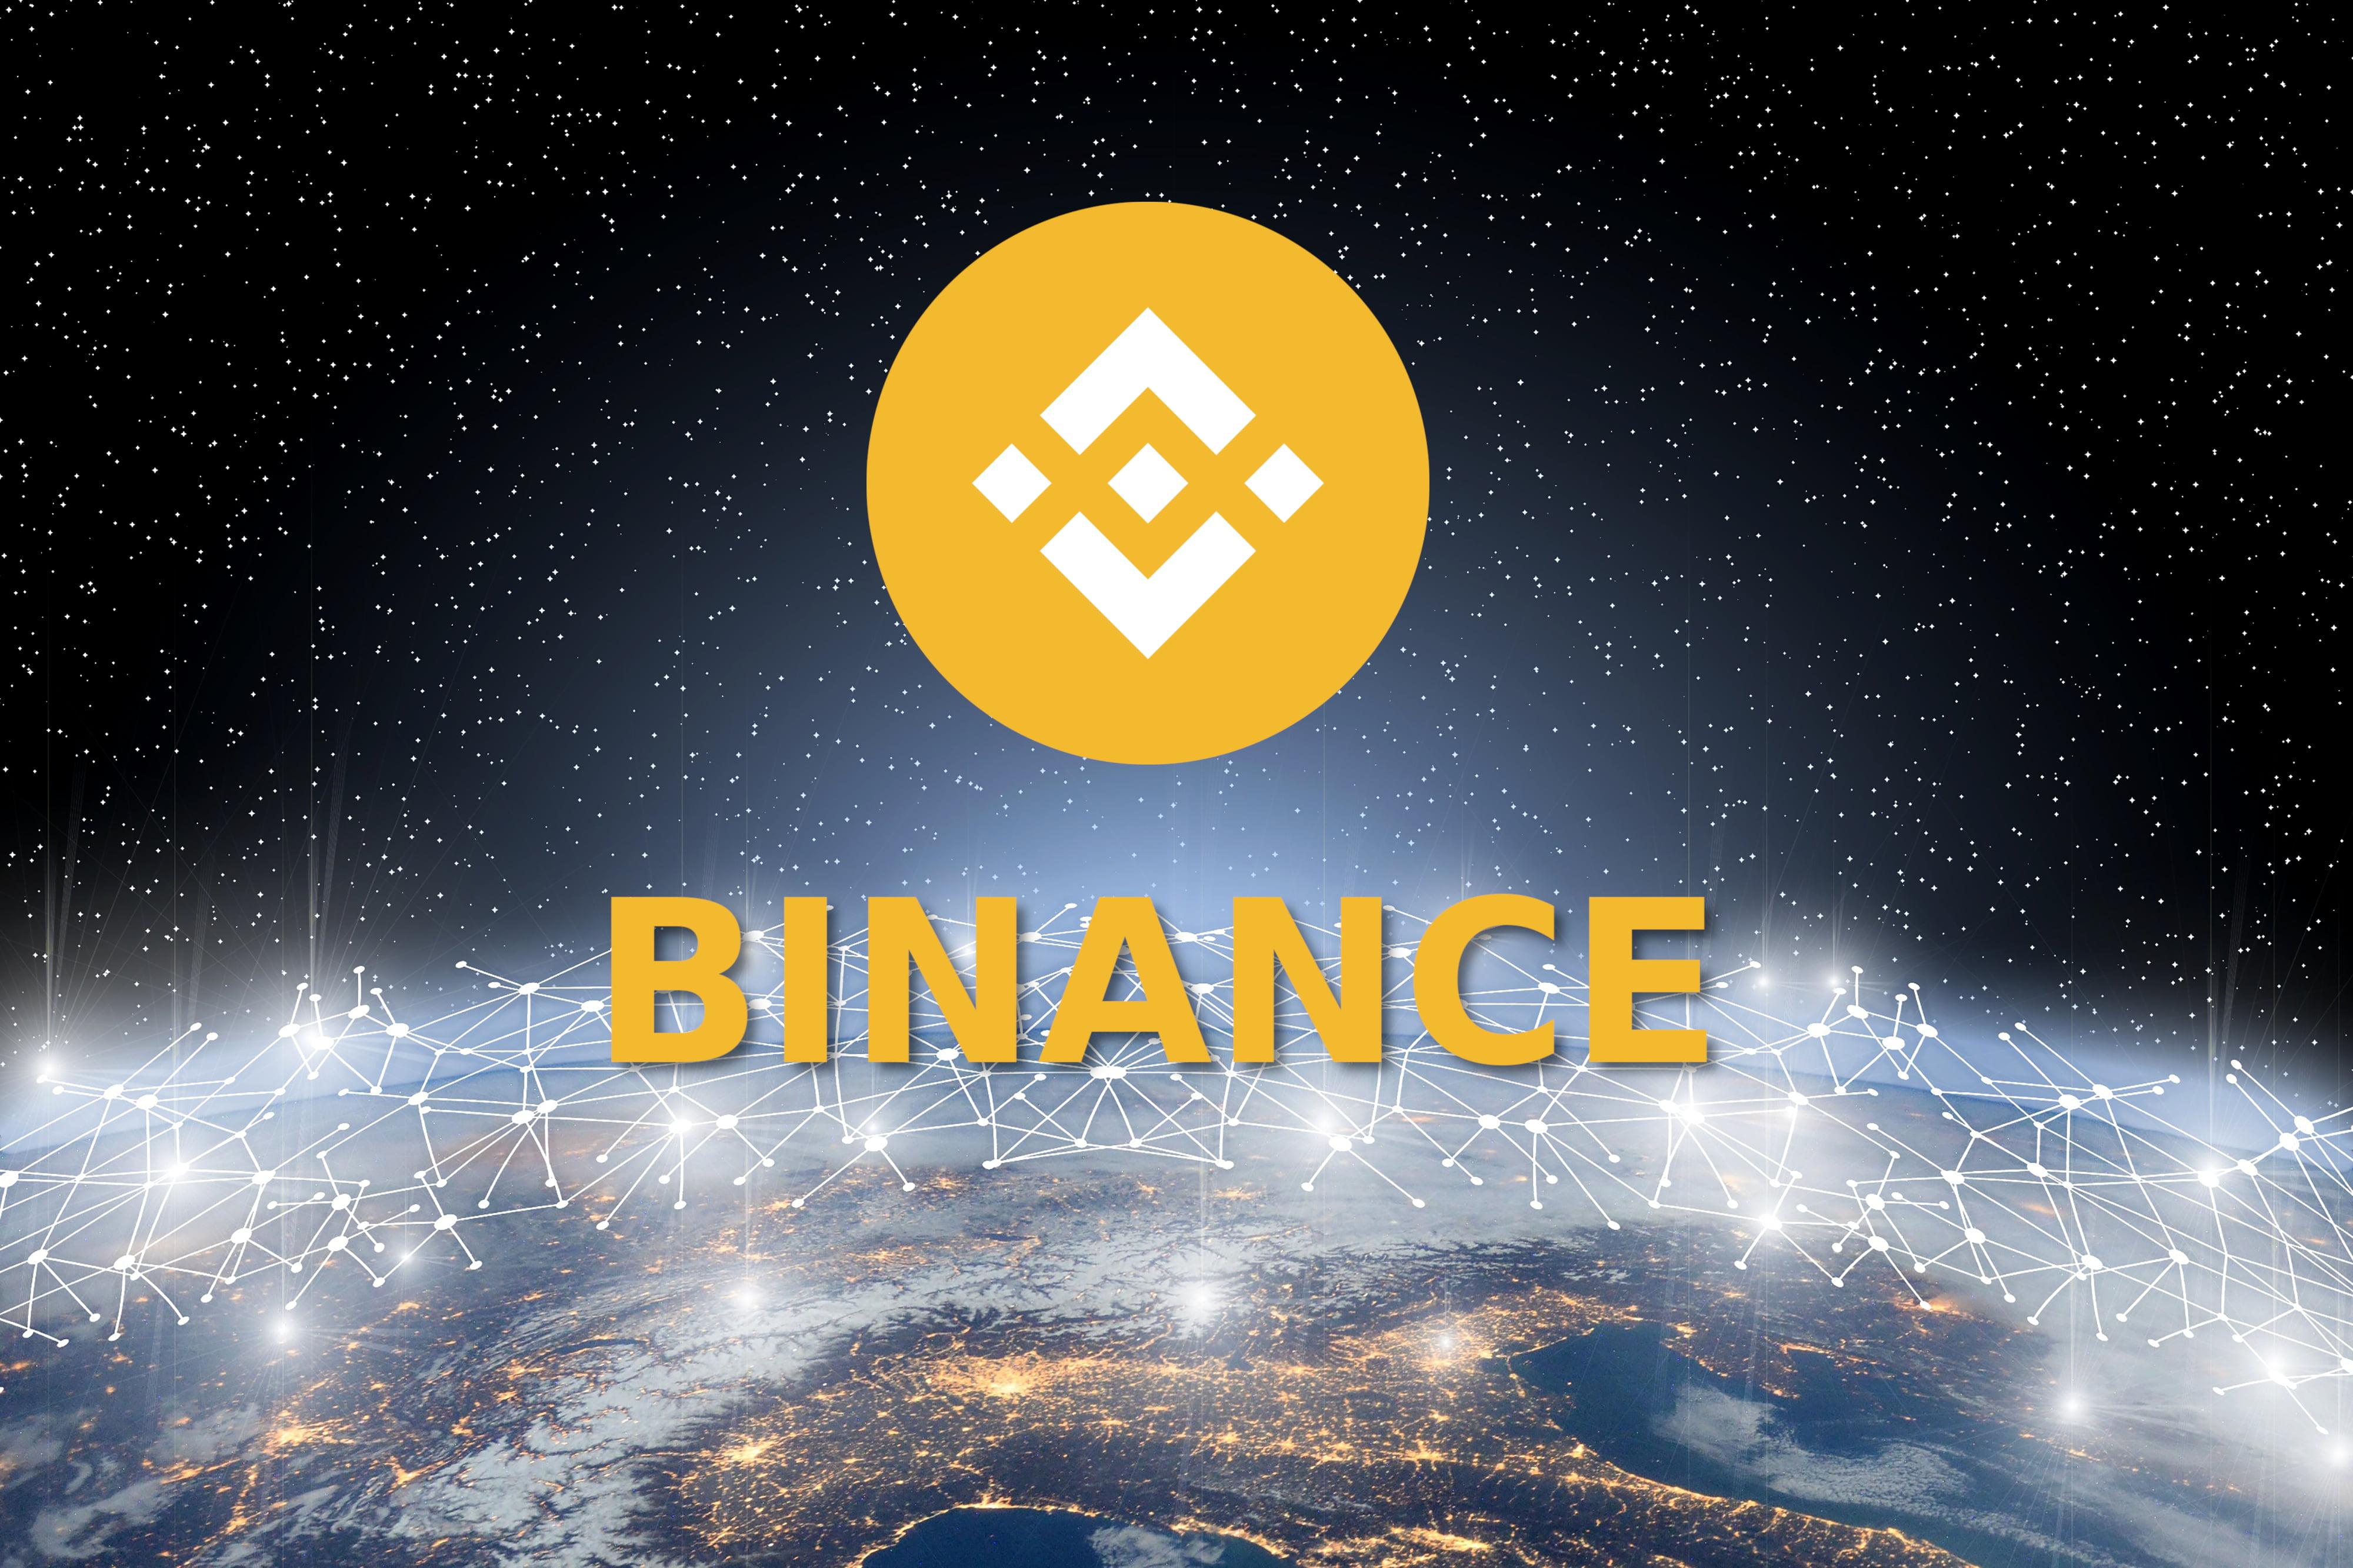 Bitcoin to binance